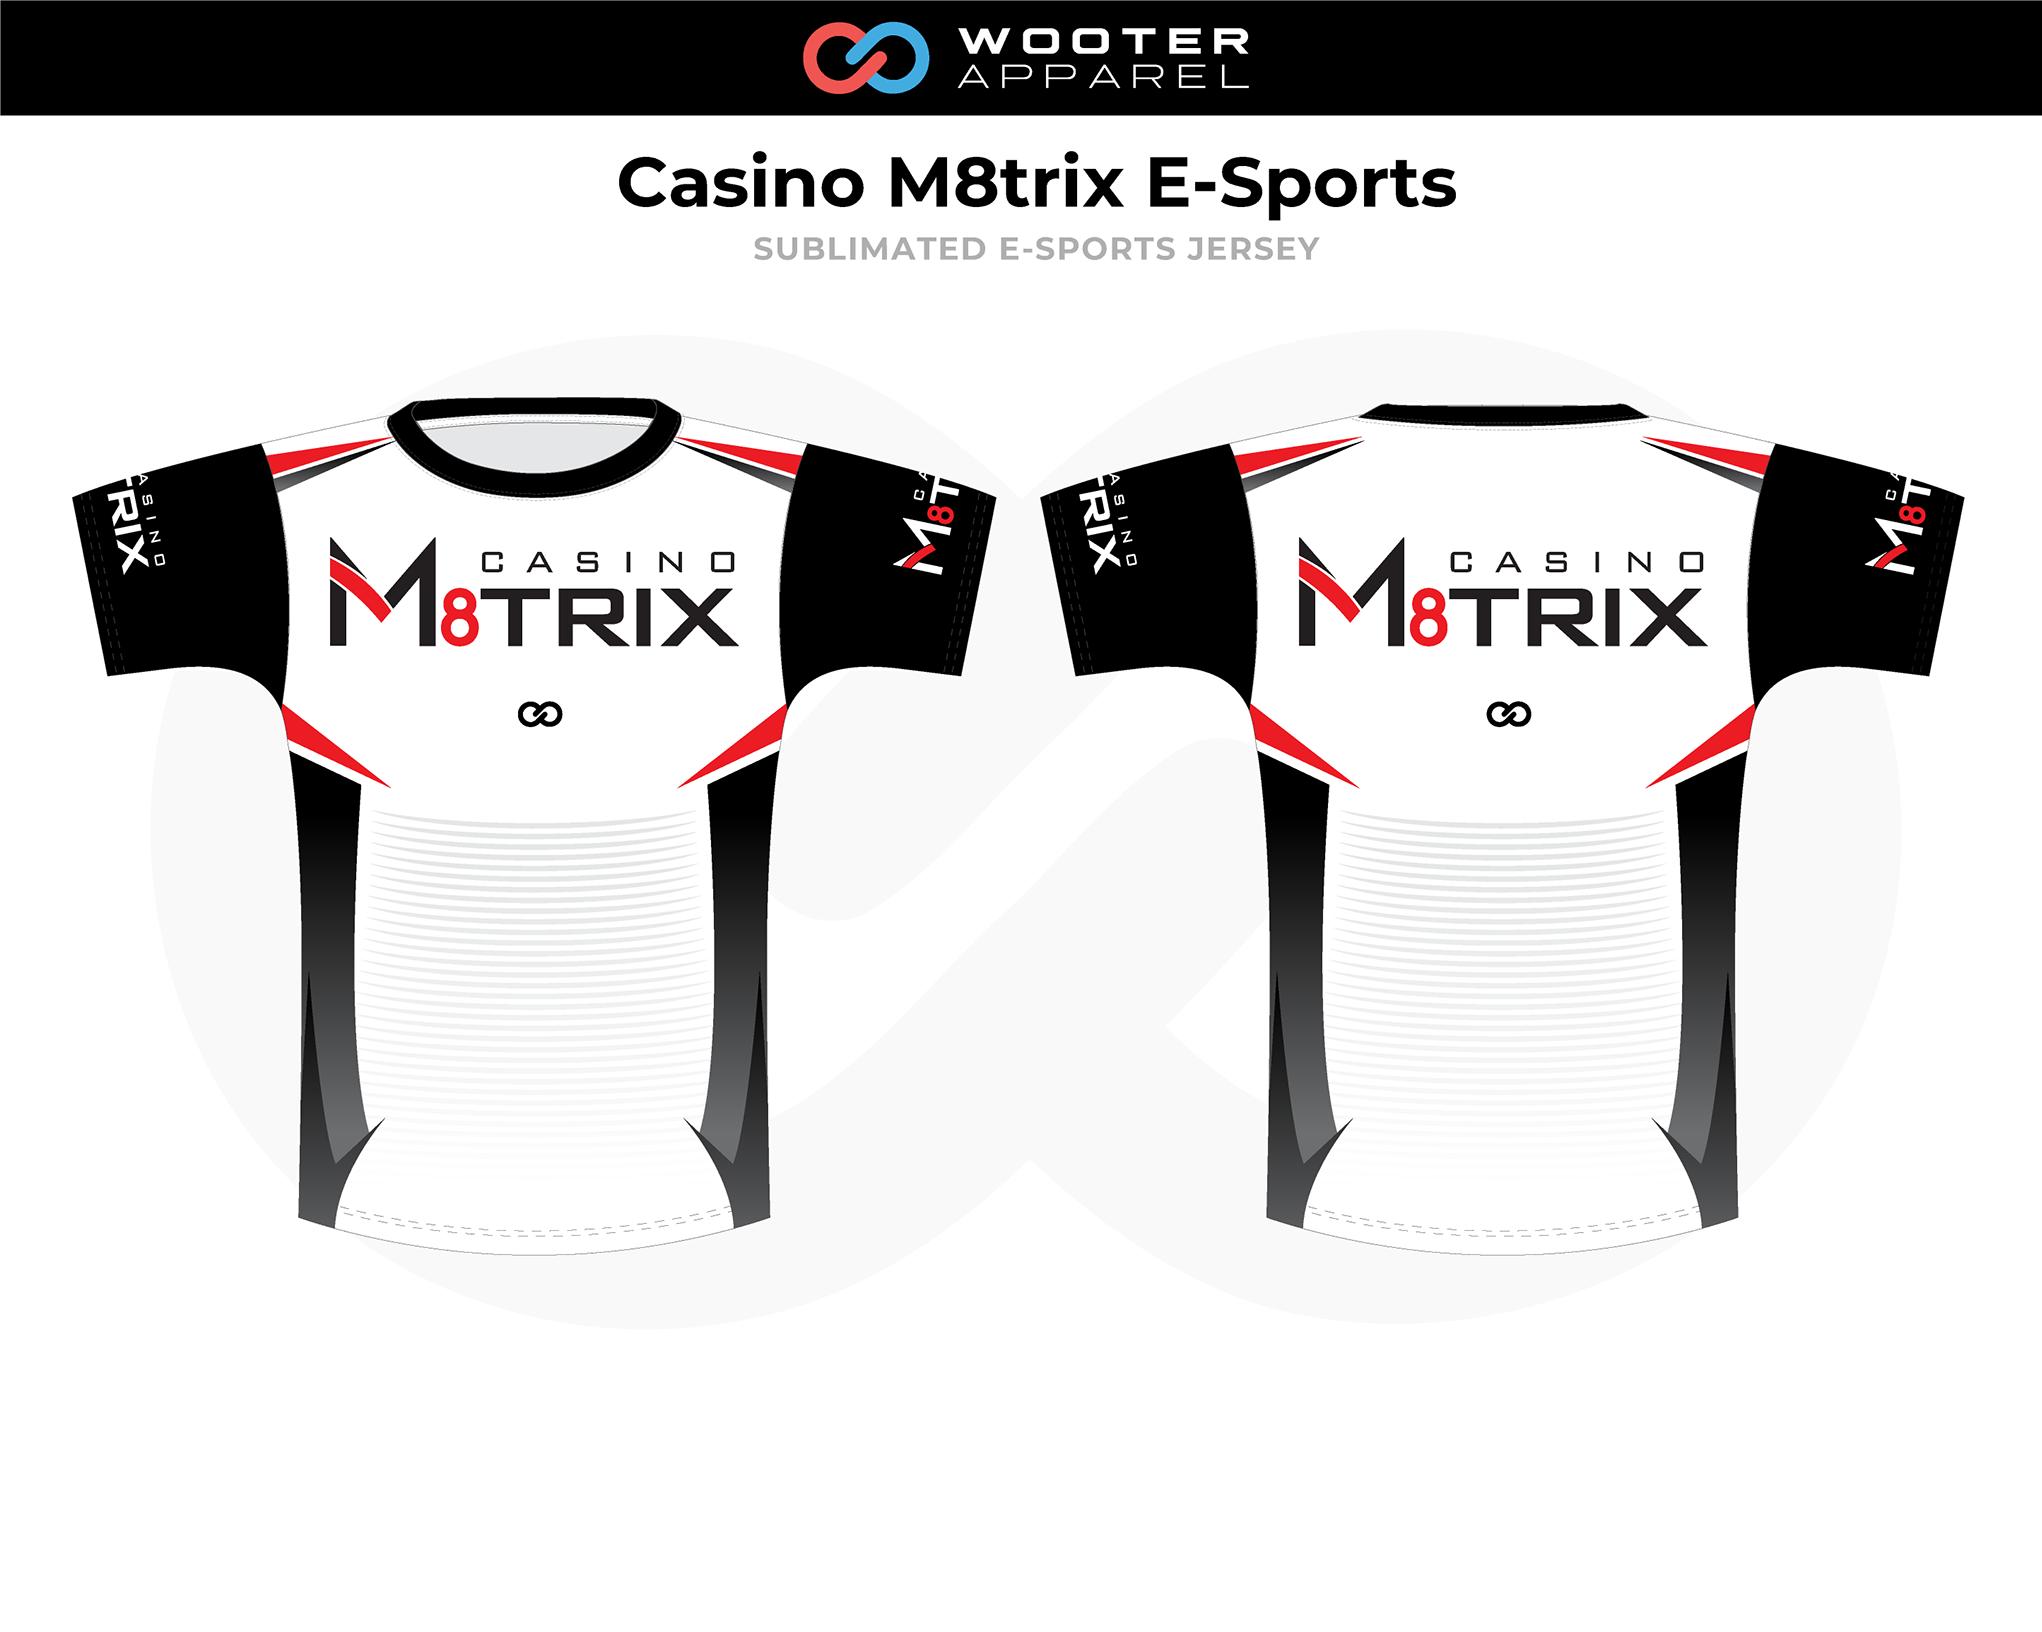 CASINO M8TRIX White Black Red E-Sports Jersey